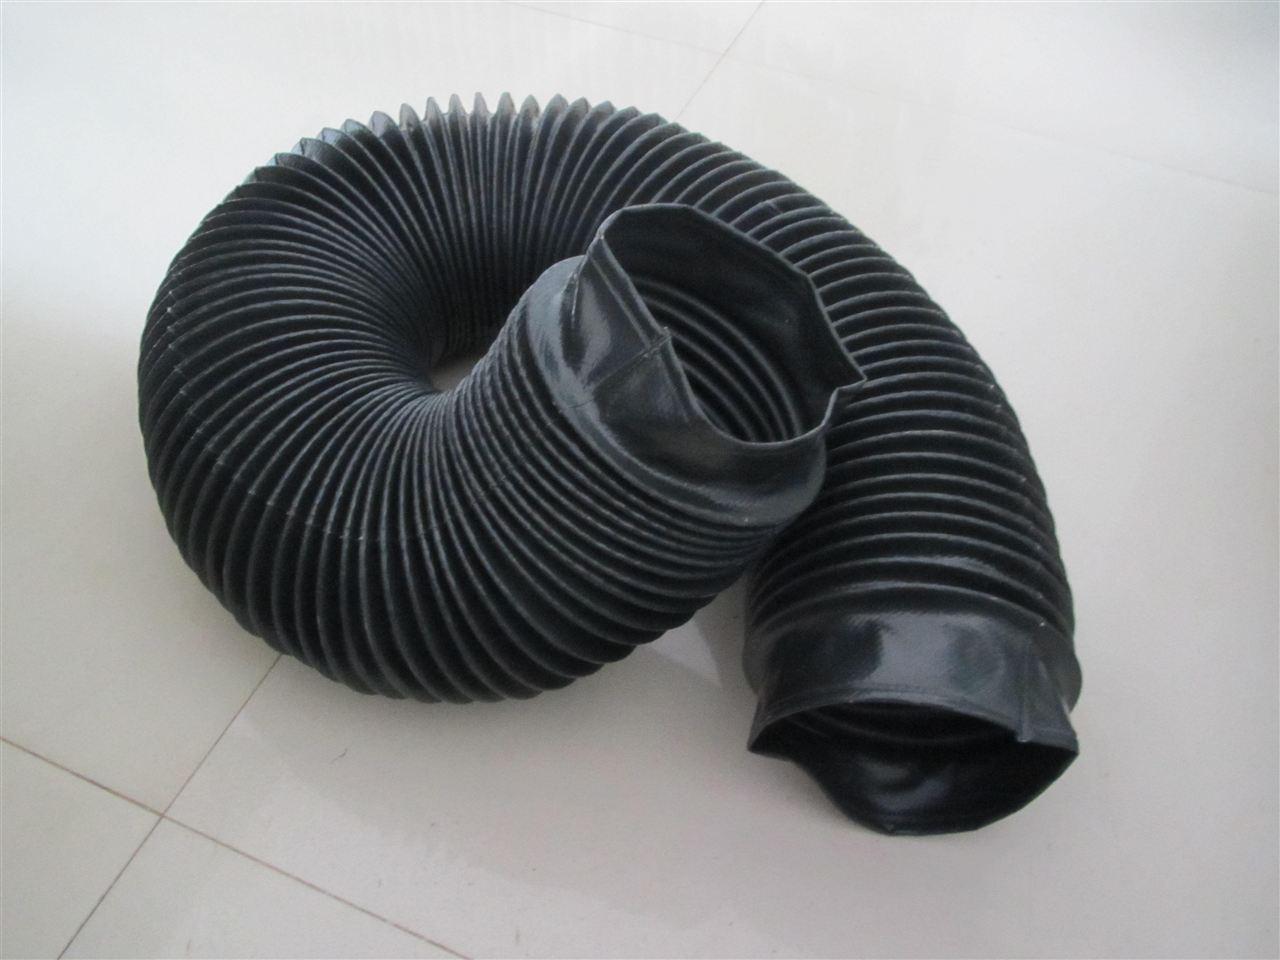 法兰式油缸防尘护套产品图